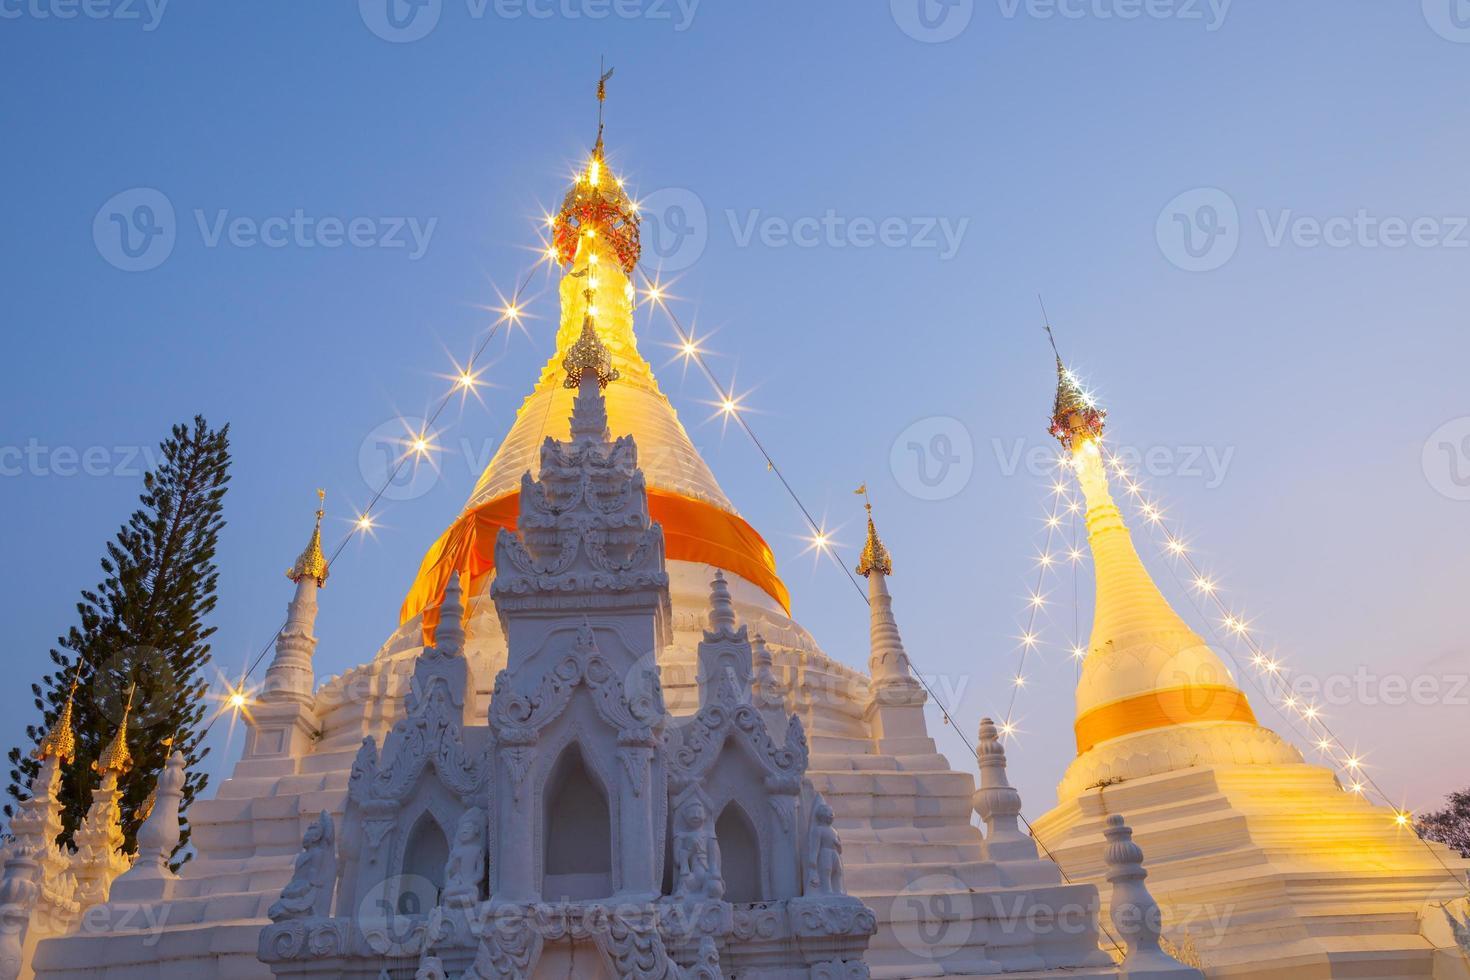 provincia dello shanxi, cina, 2020 - la grande pagoda bianca con luci foto